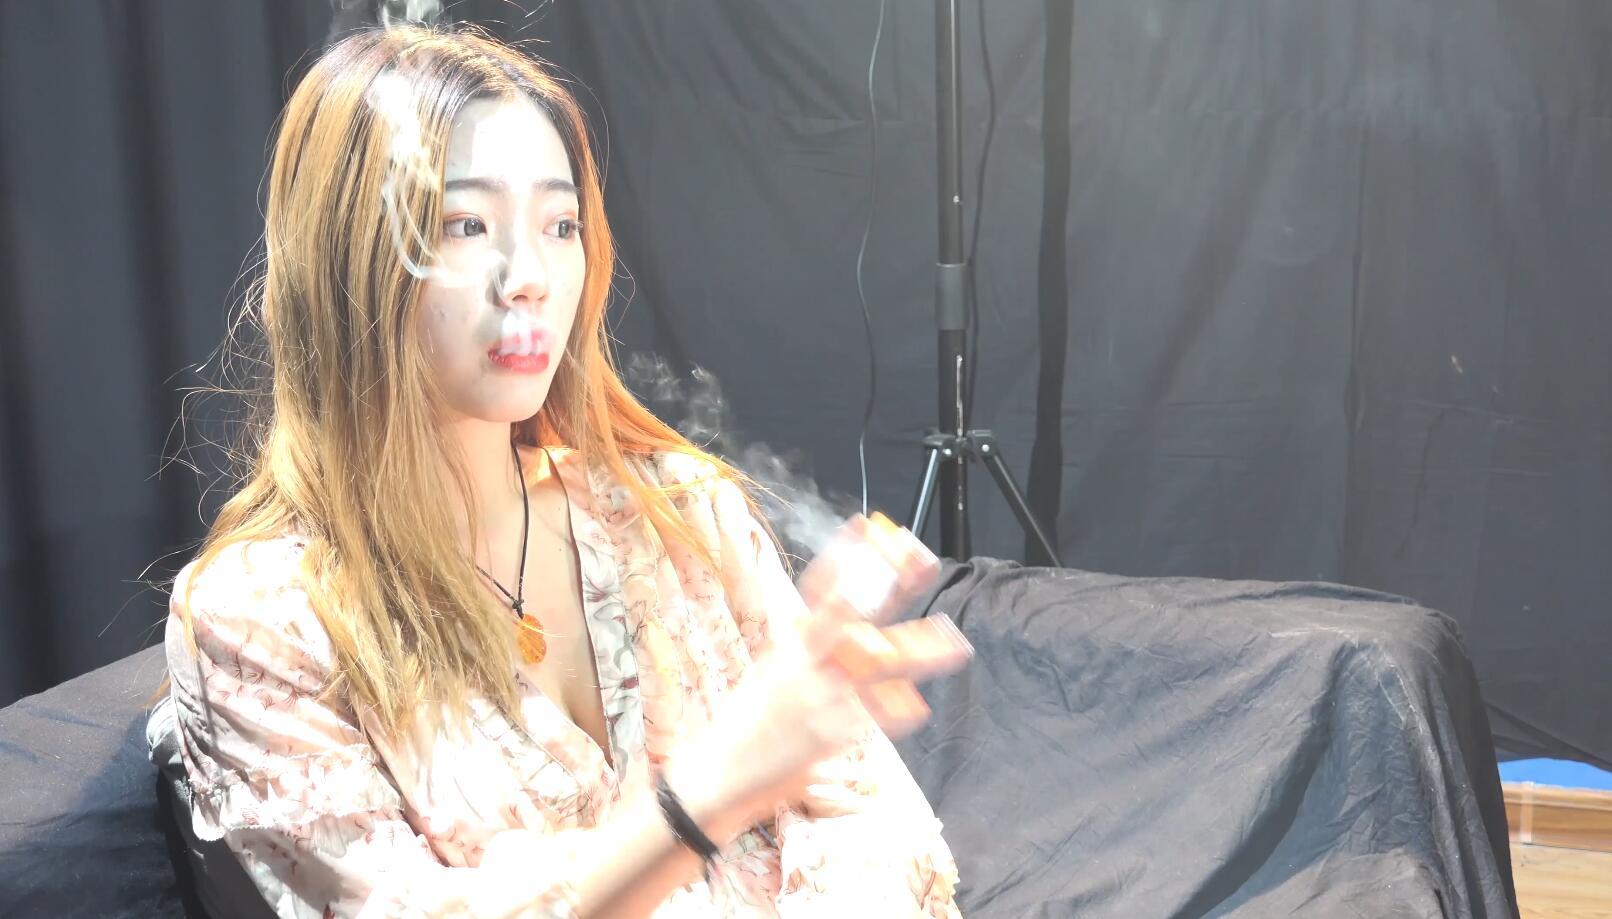 超极品美女佳佳琪黑丝高跟性感抽烟[MP4/1.71GB/度盘/GoogleDrive]